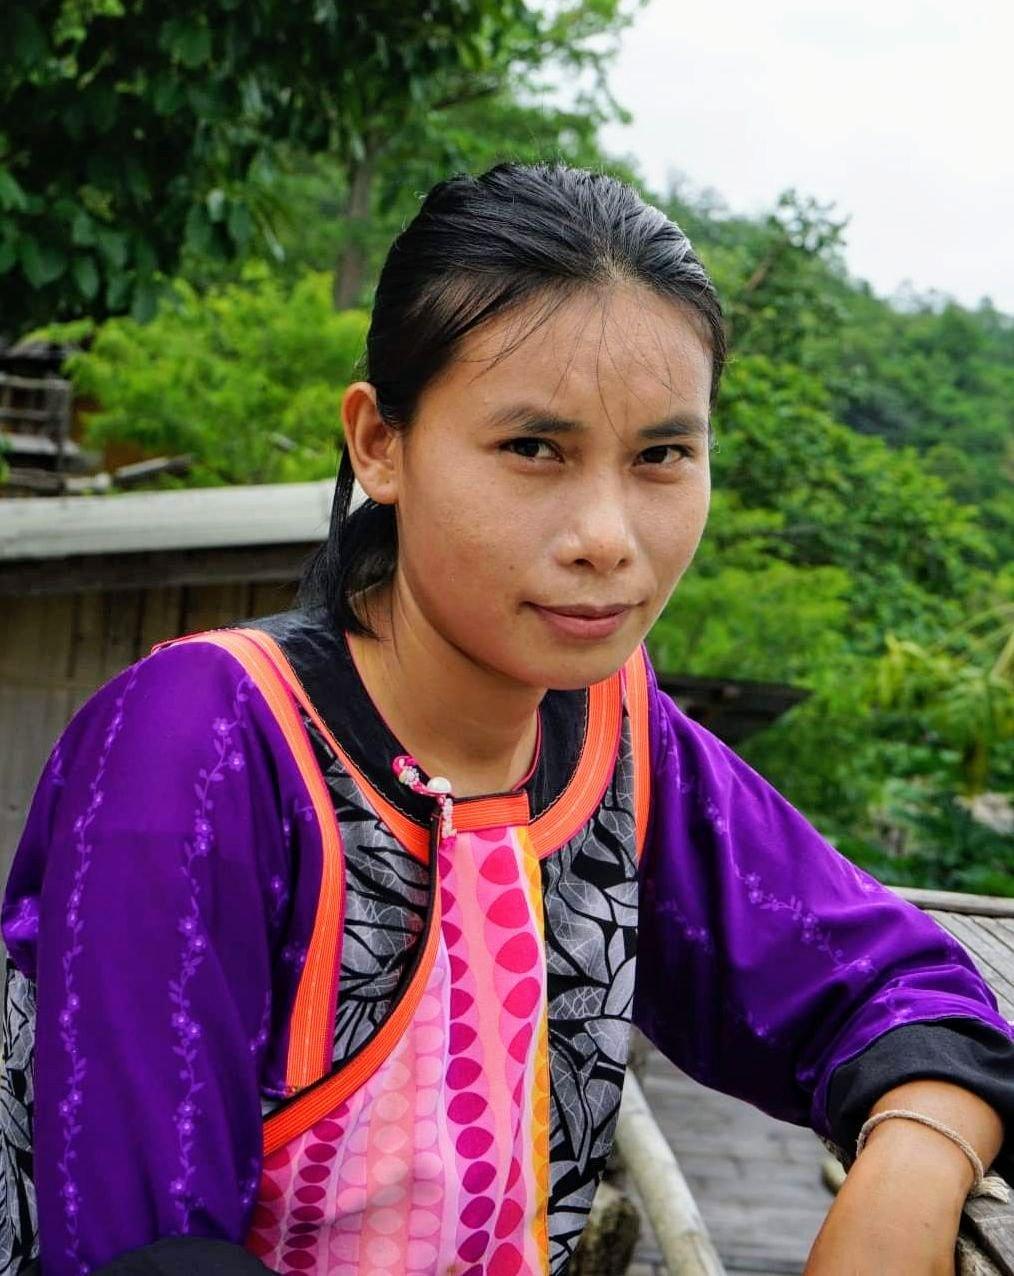 อะลูเมะ เลายี่ปา บ้านพักเฮือนสุข ชุมชนลีซูบ้านนาเลาใหม่